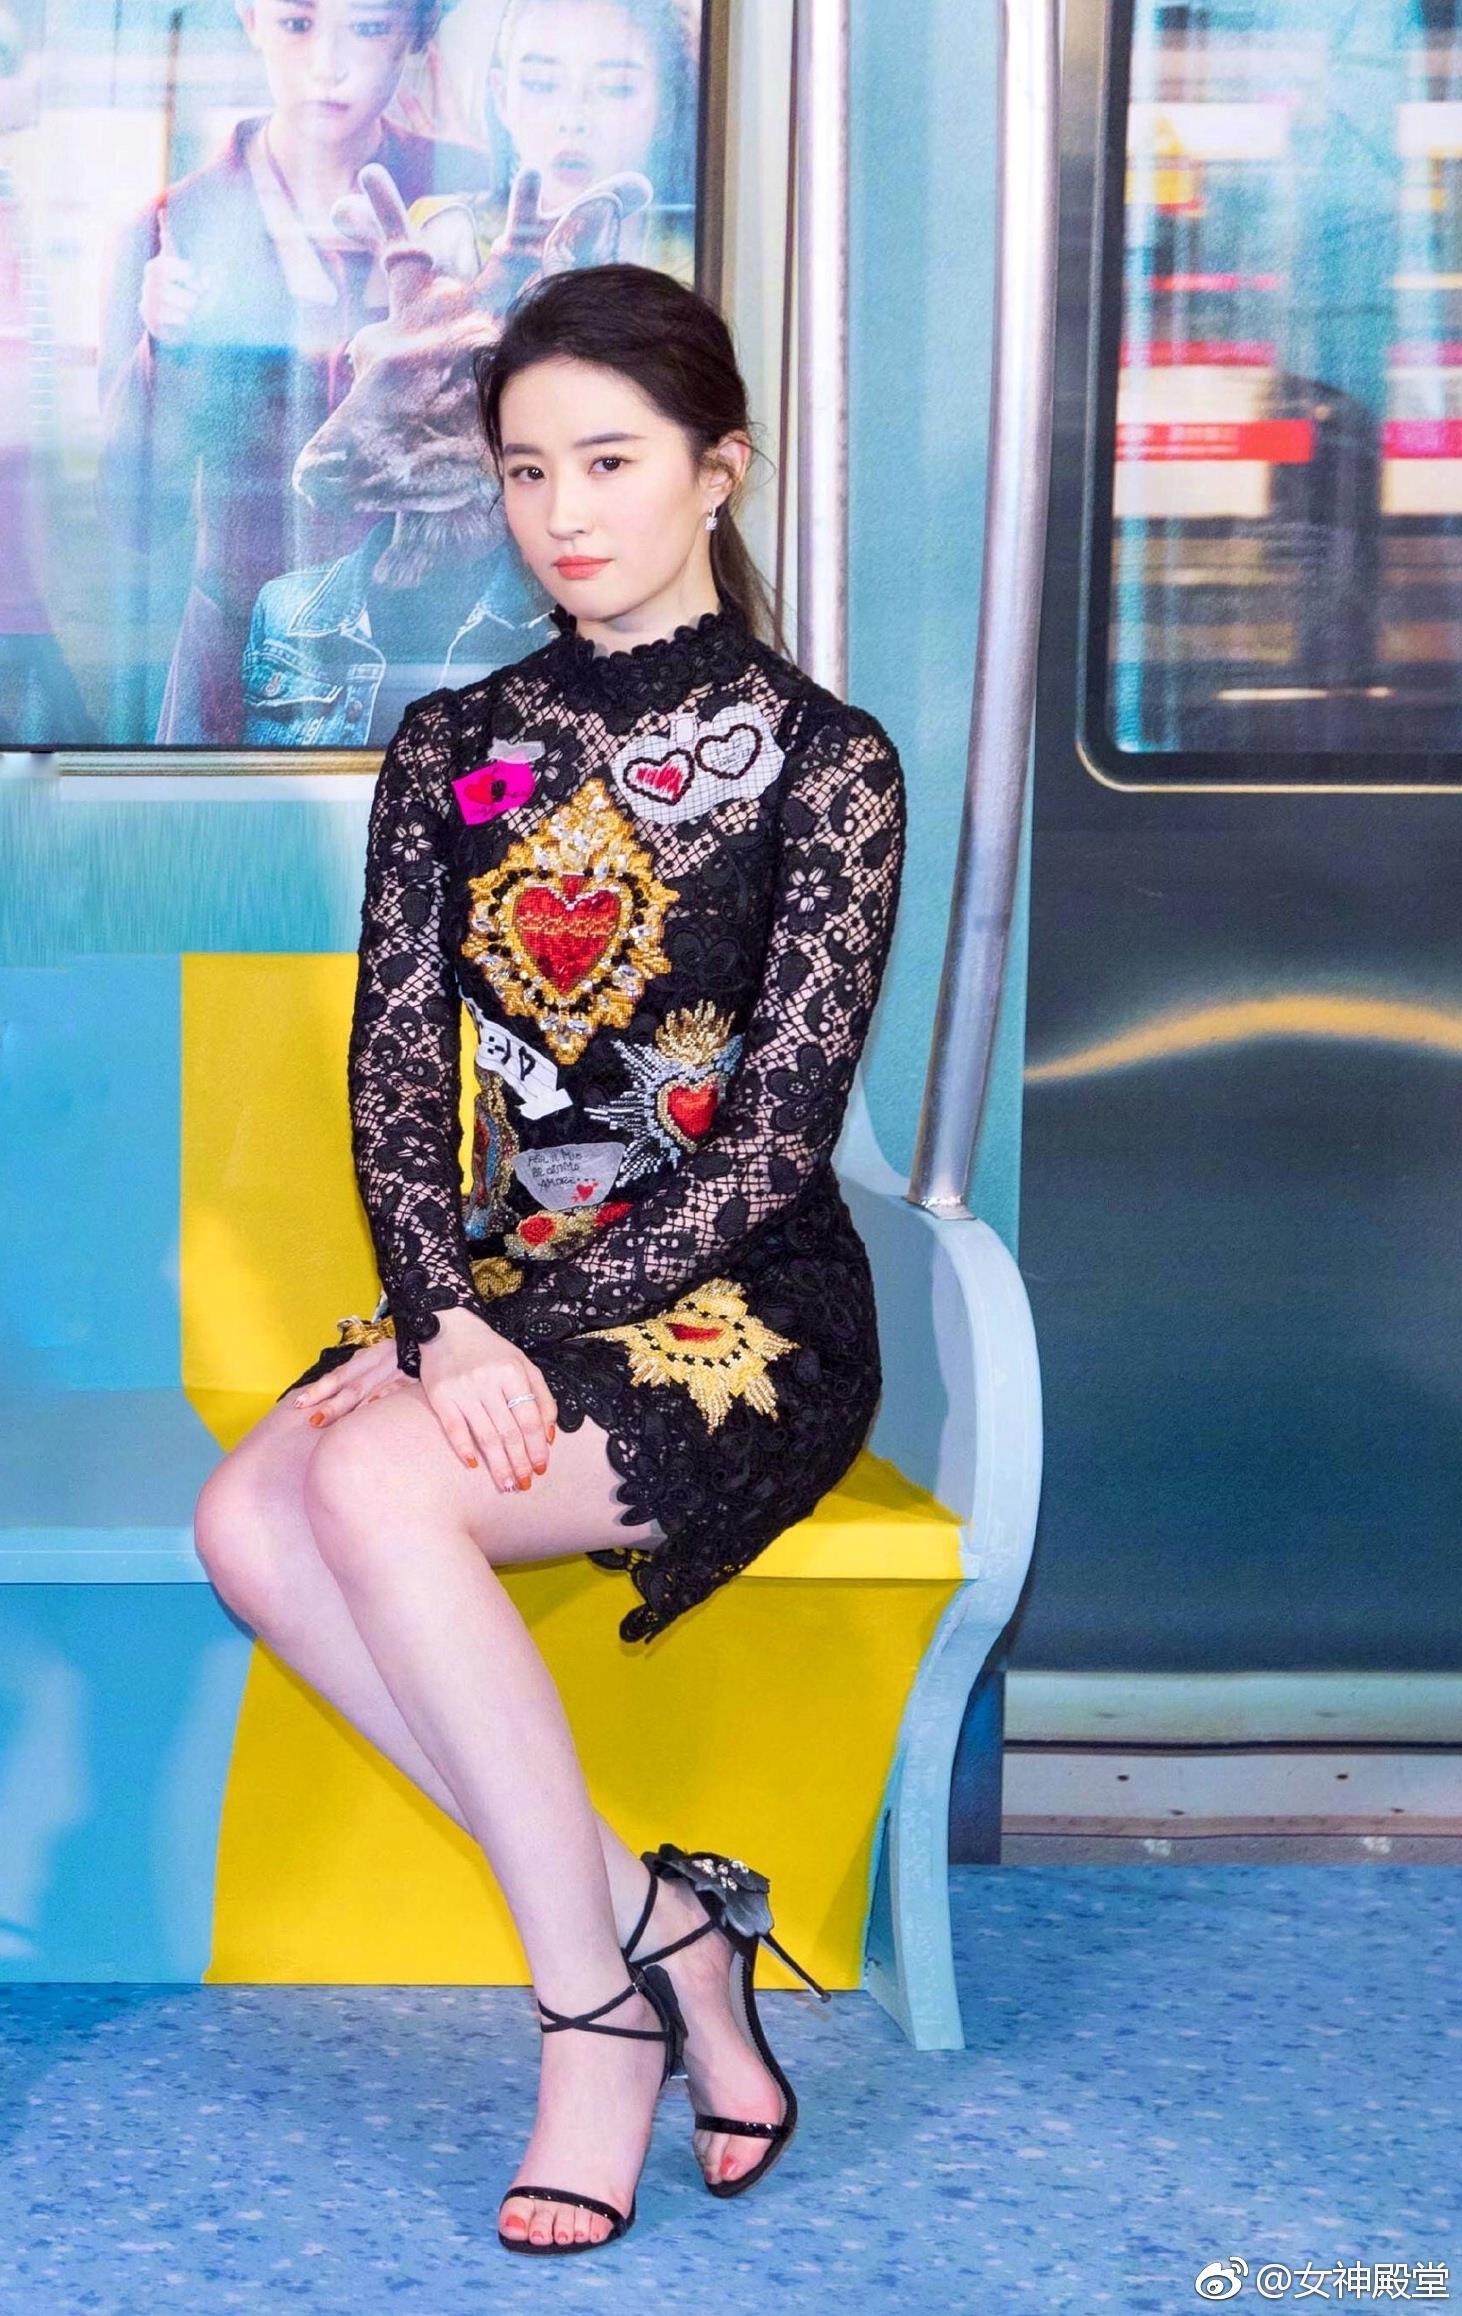 刘亦菲出席某活动 身着黑色印花连衣裙 简直就是天仙下凡 时尚优雅,刘亦菲出席某活动 身着黑色印花连衣裙 简直就是天仙下凡 时尚优雅